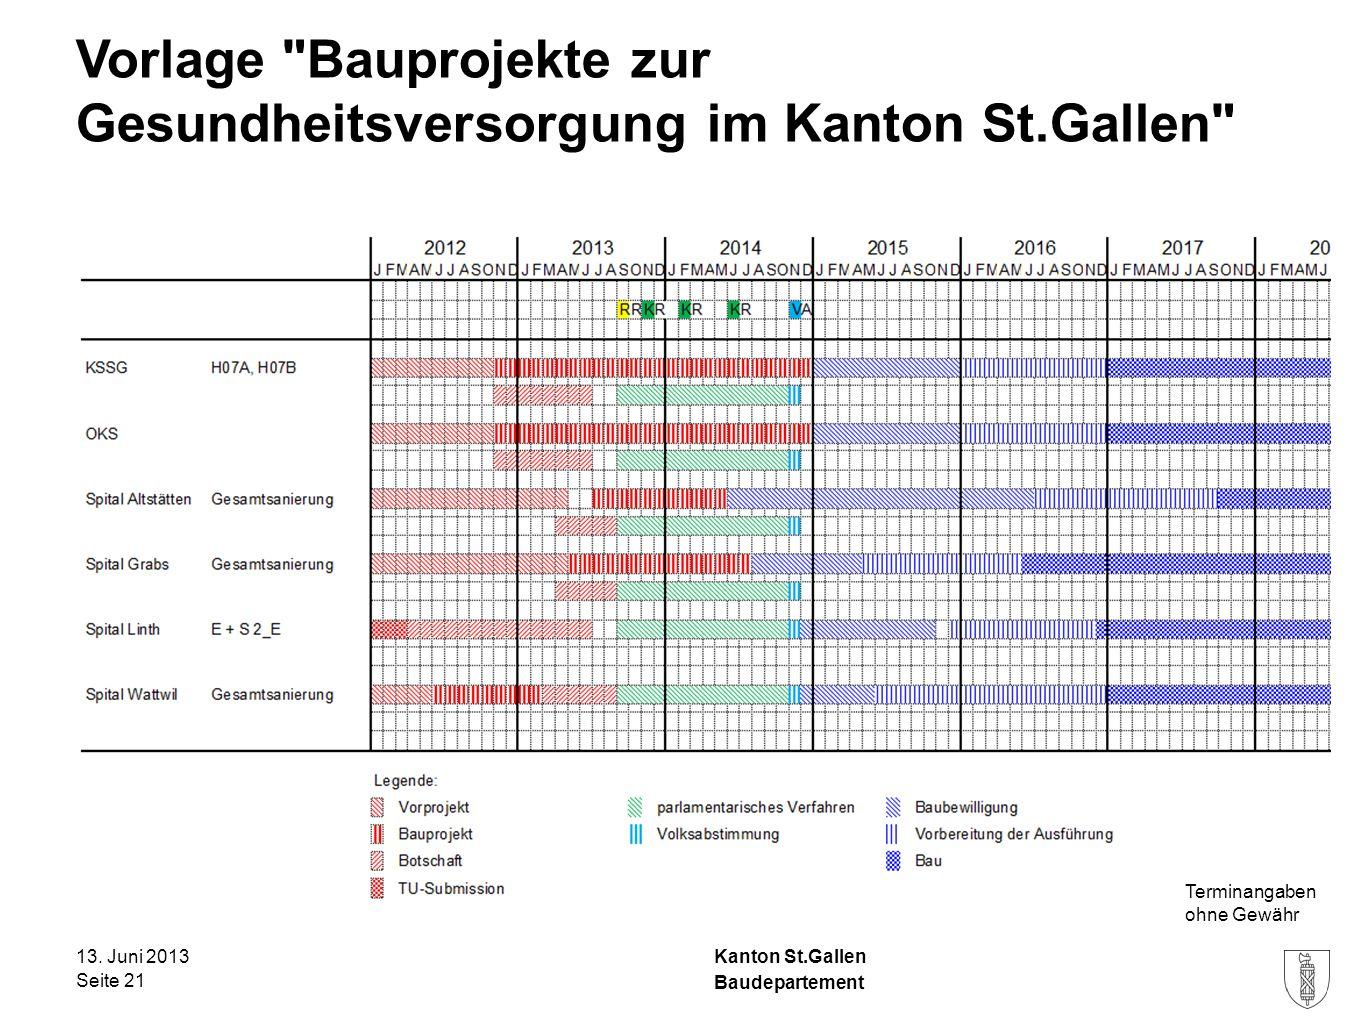 Kanton St.Gallen Vorlage Bauprojekte zur Gesundheitsversorgung im Kanton St.Gallen 13.